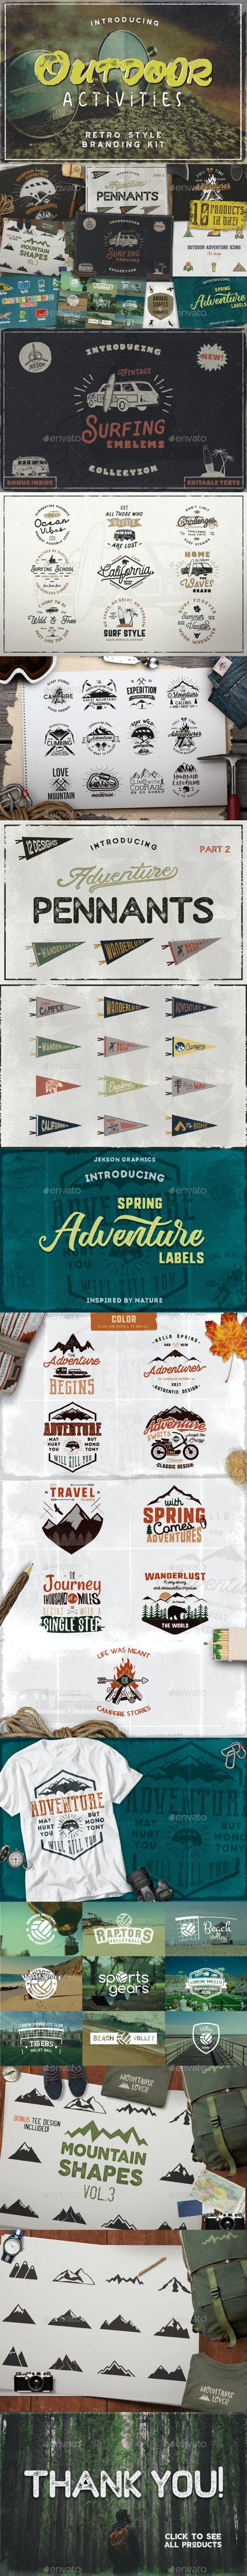 Outdoor Activities Branding Kit - Badges & Stickers Web Elements